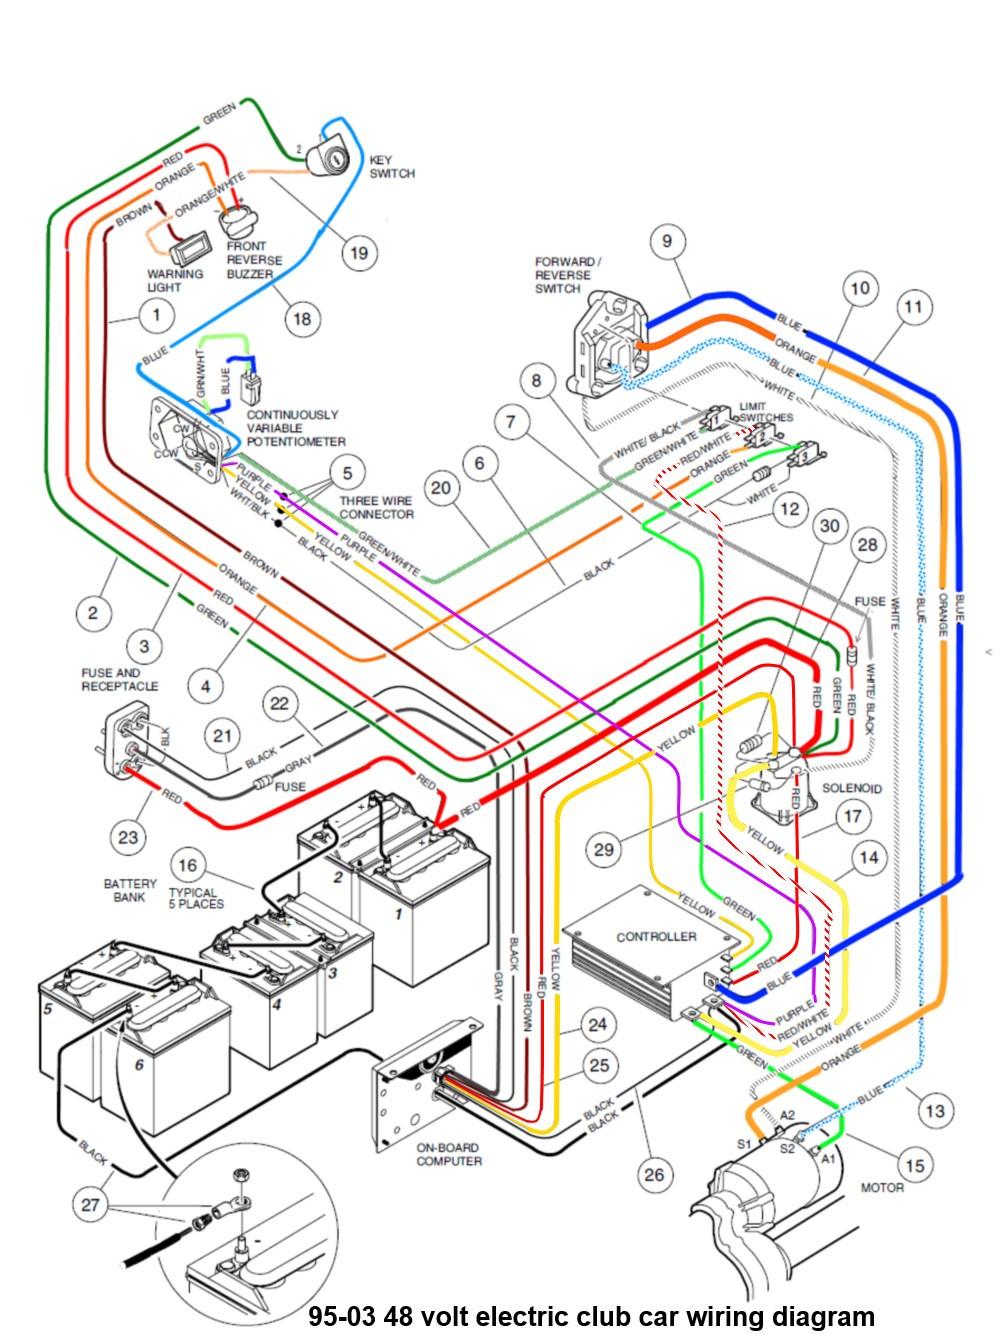 Wiring Diagram For Club Car Golf Cart Gooddy Org Electric 2009 Precedent